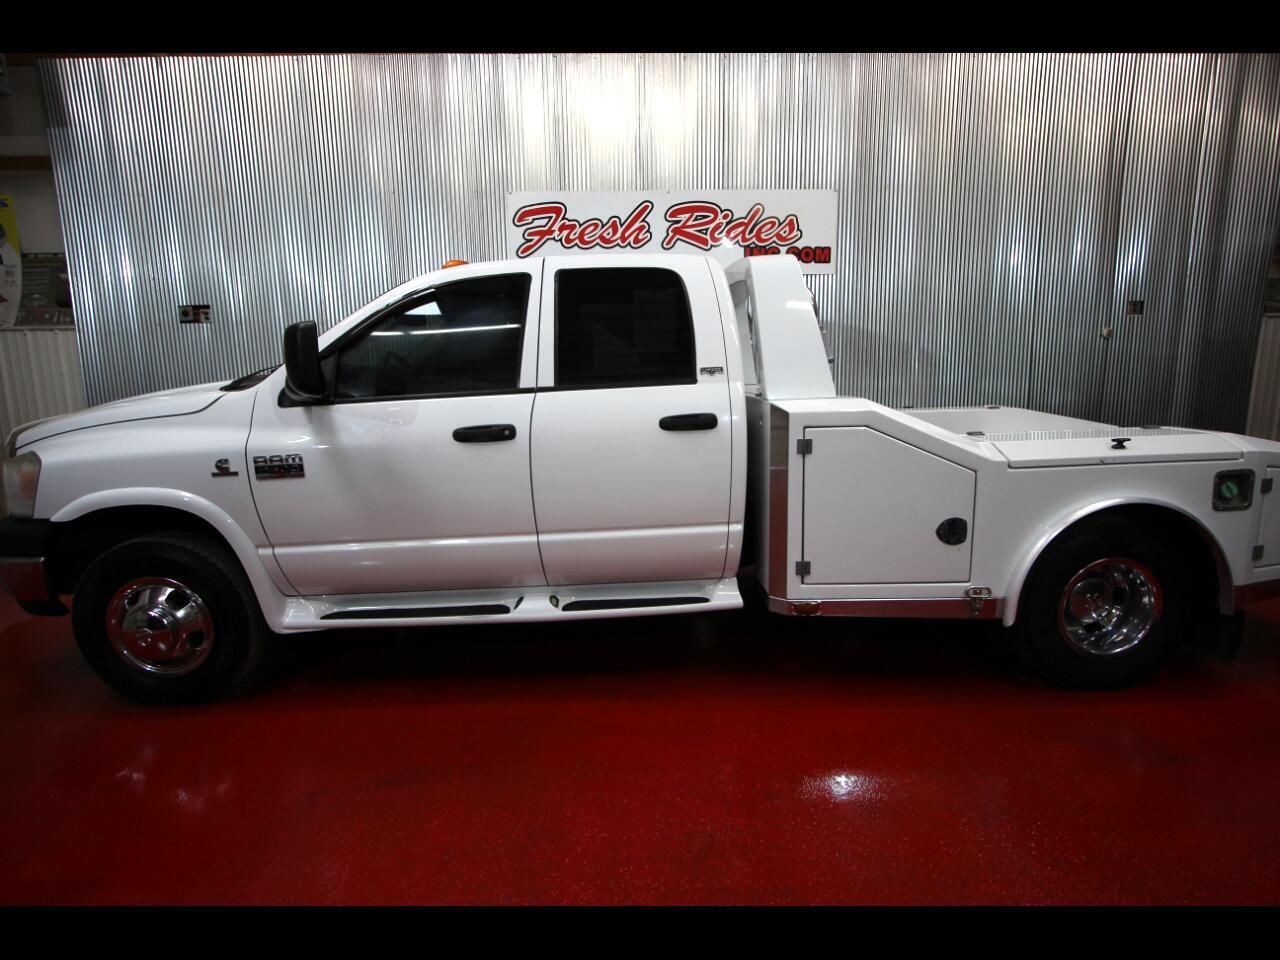 2007 Dodge Ram 3500 Laramie Quad Cab 4WD DRW